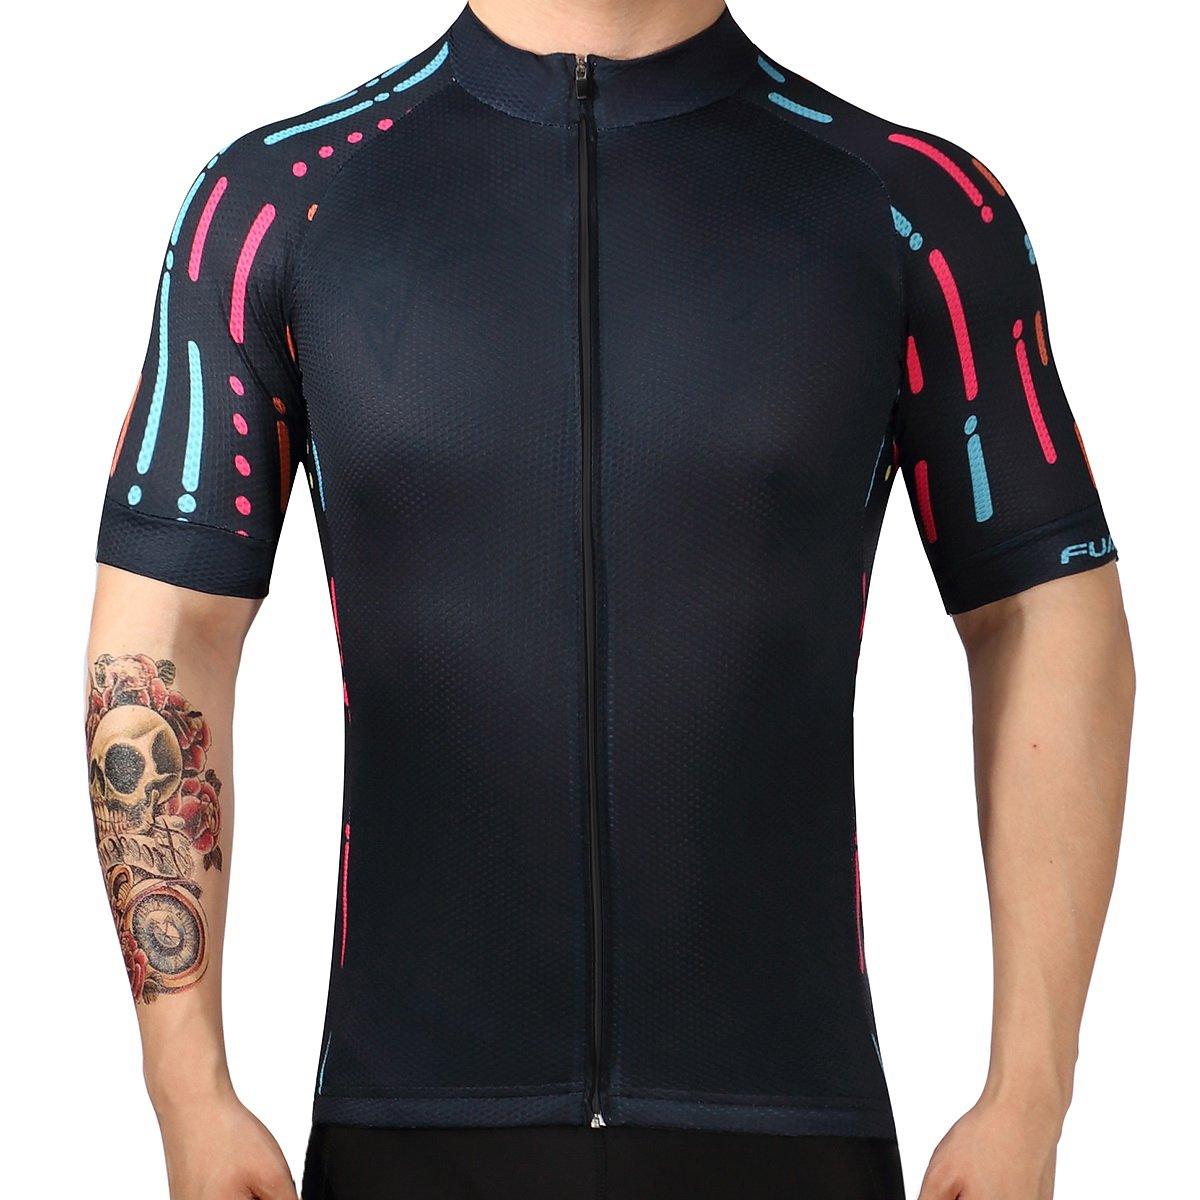 プランAクラシックブラックメンズシャツ夏サイクリングジャージー半袖自転車スポーツ服 B0745GPBGC  BlackDS08 4L